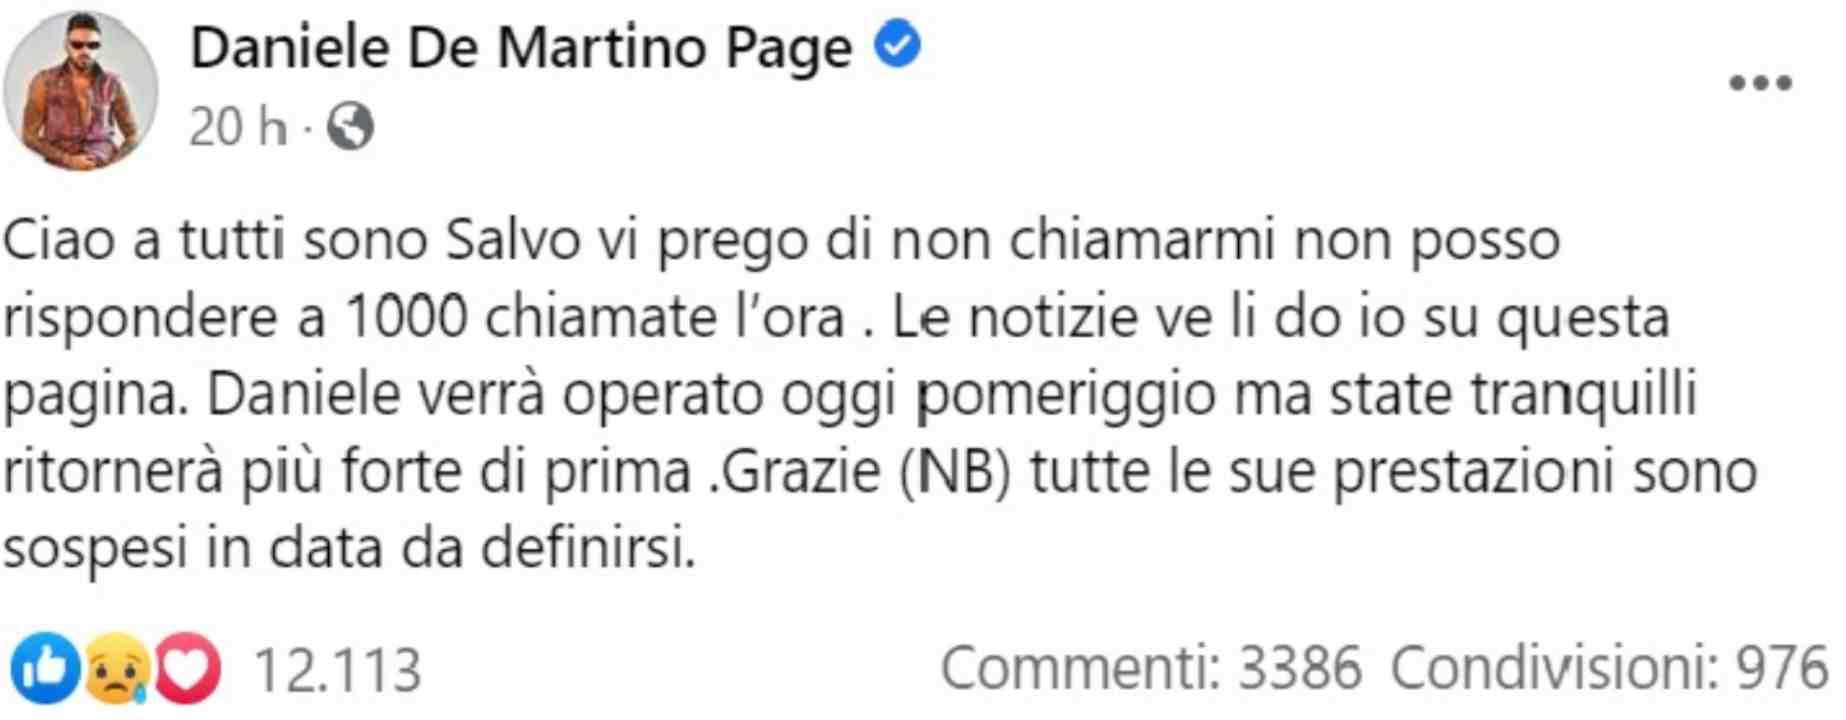 Daniele De Martino post